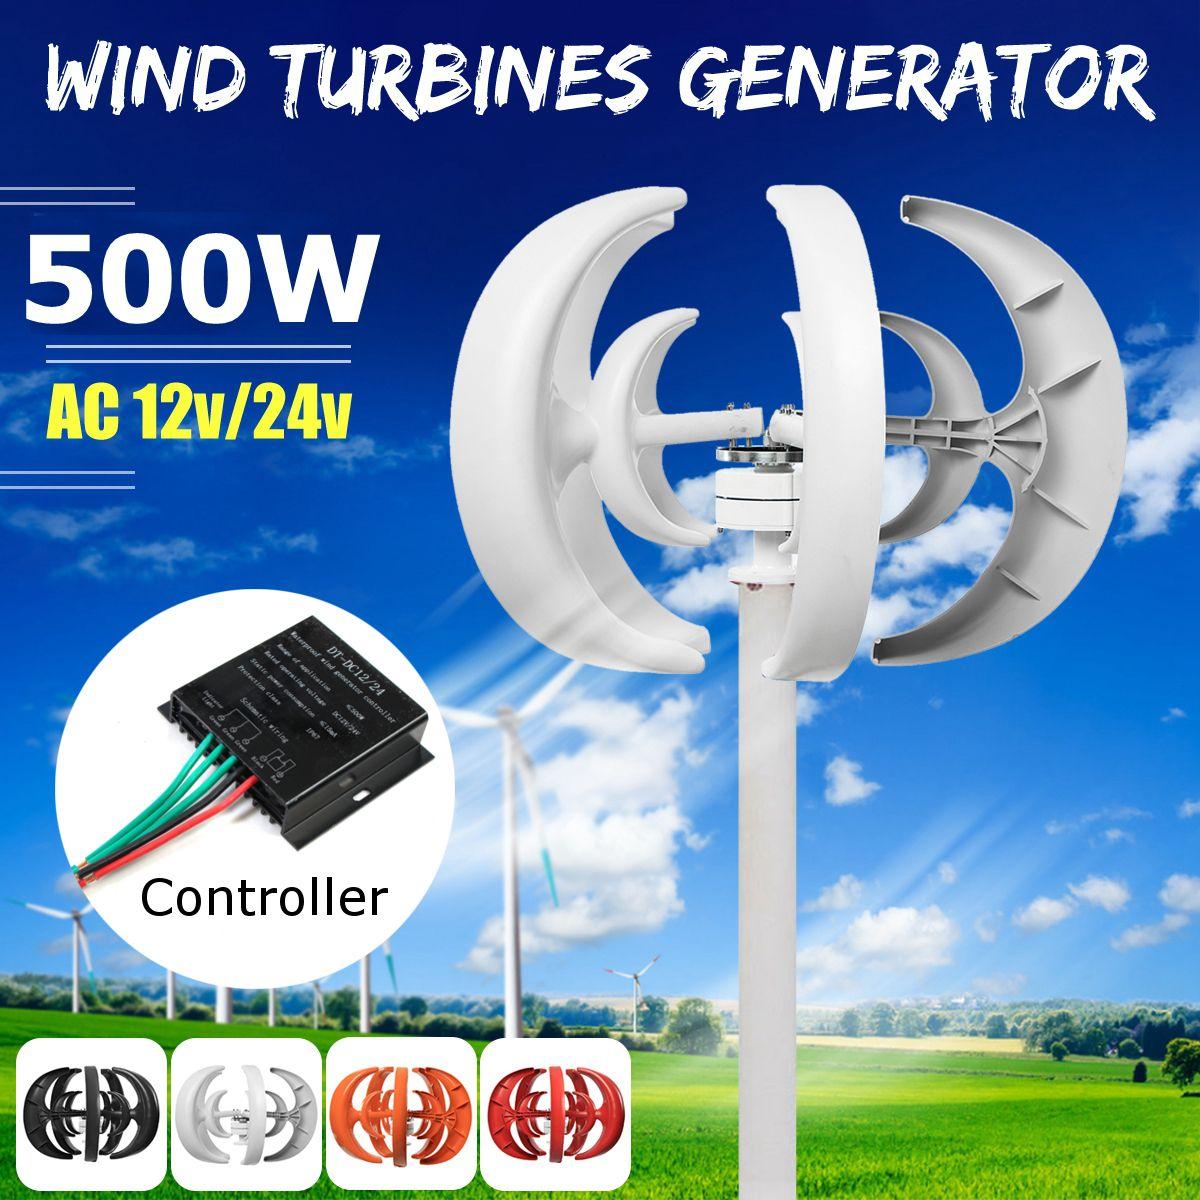 Wind Turbine 500 watt DC 12/24 v Kombinieren Mit 600 watt Englisch Wind Generator Controller Hause Für Hause hybrid Straßenbeleuchtung Verwenden